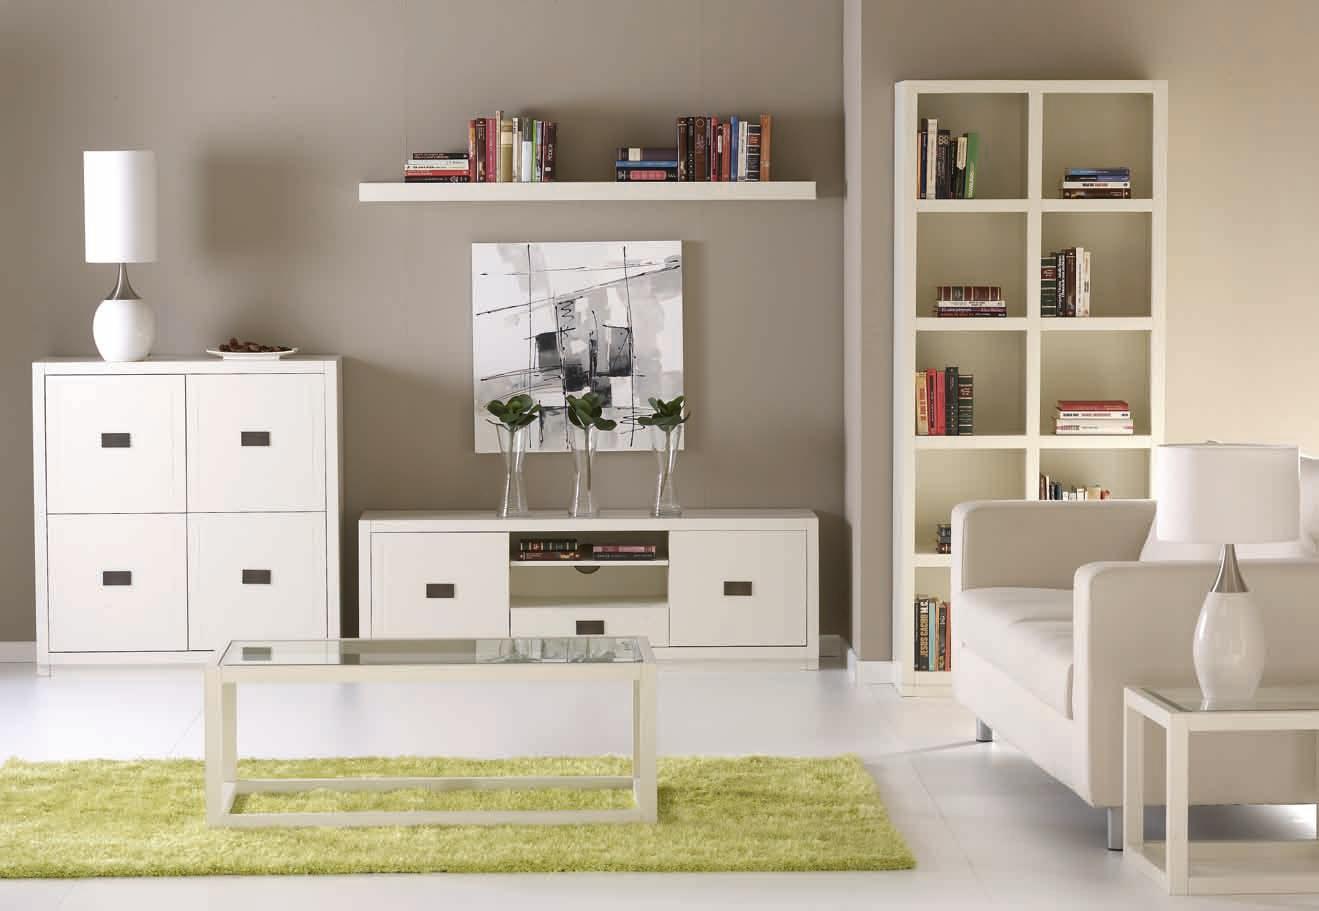 Decorar Muebles De Ikea Bien Ya Se Ha Adquirido Un Mueble De Ikea  # Hackeando Muebles De Ikea